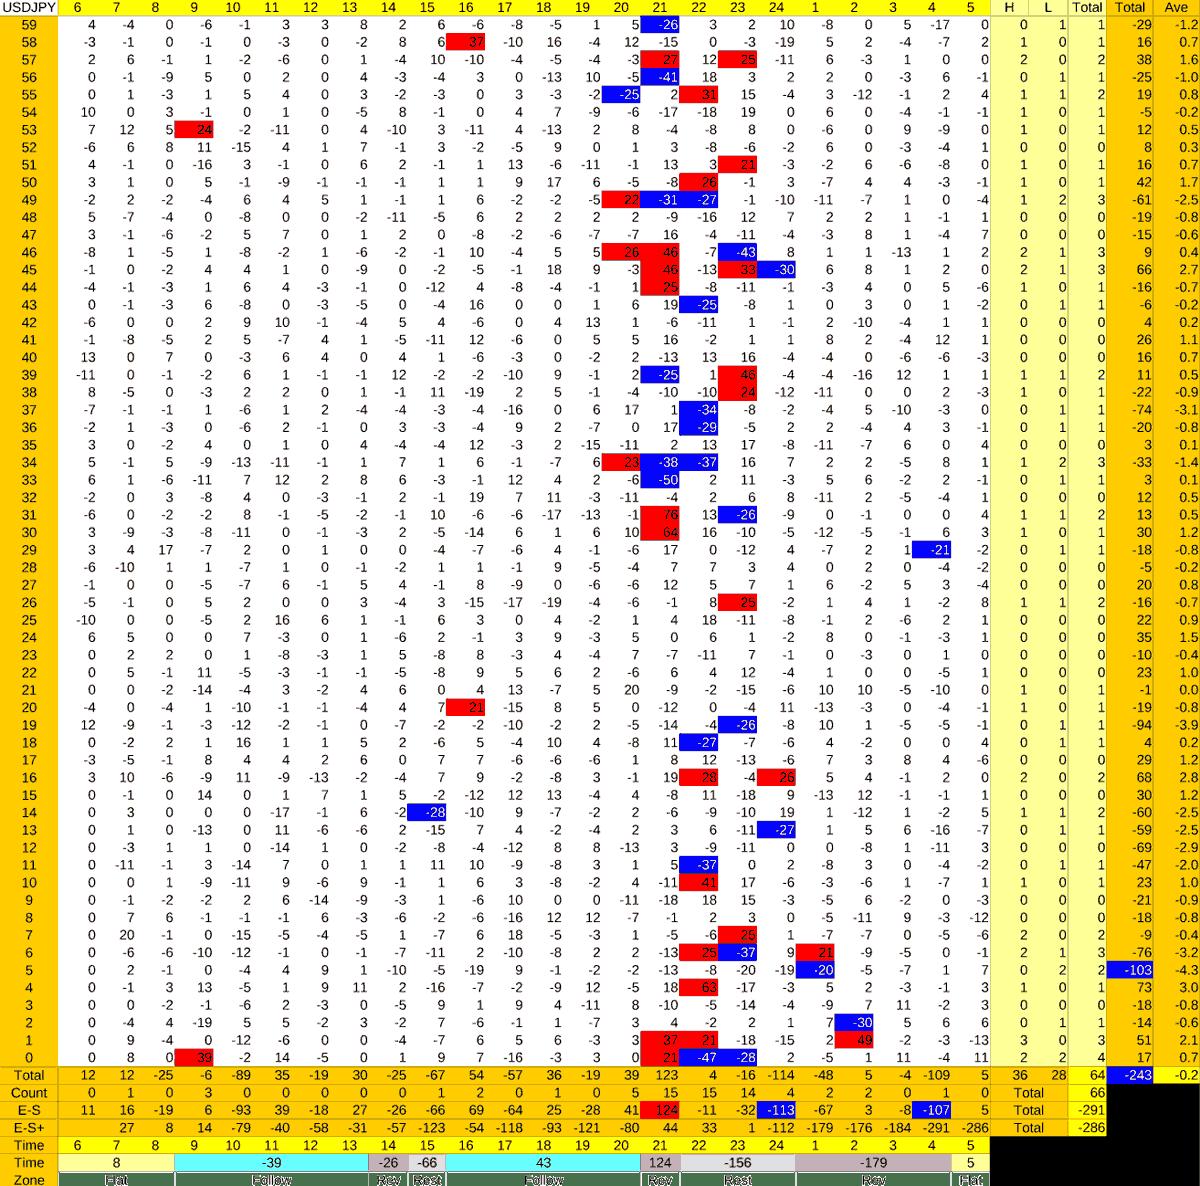 20210610_HS(1)USDJPY